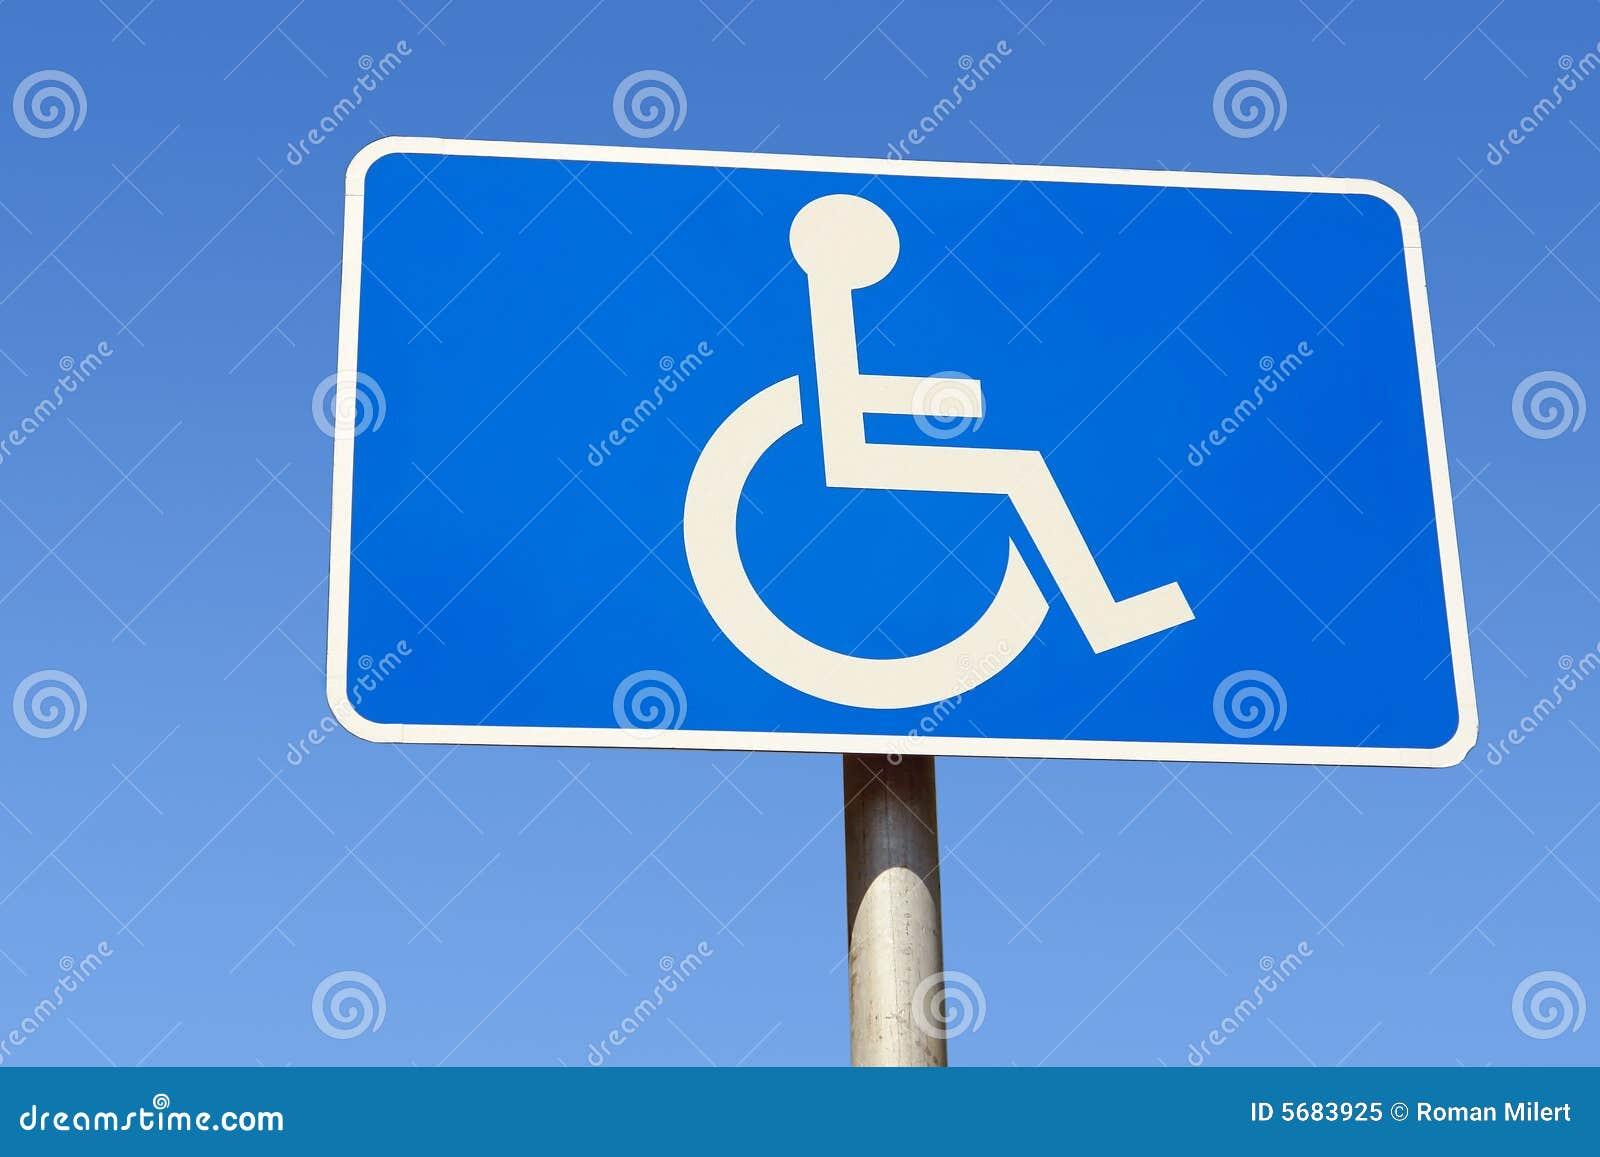 Niepełnosprawni miejsca parkingowe znak